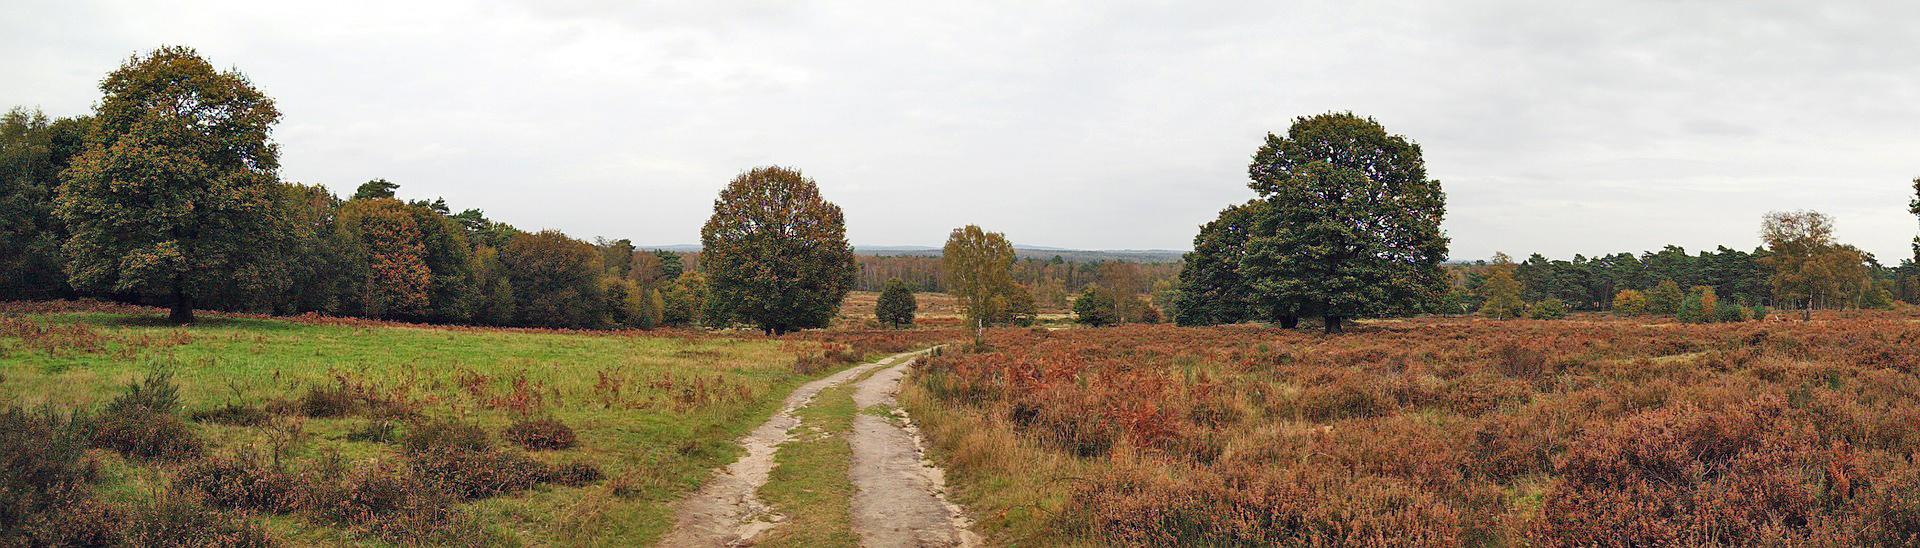 Die Wahner Heide bei Köln © pixabay